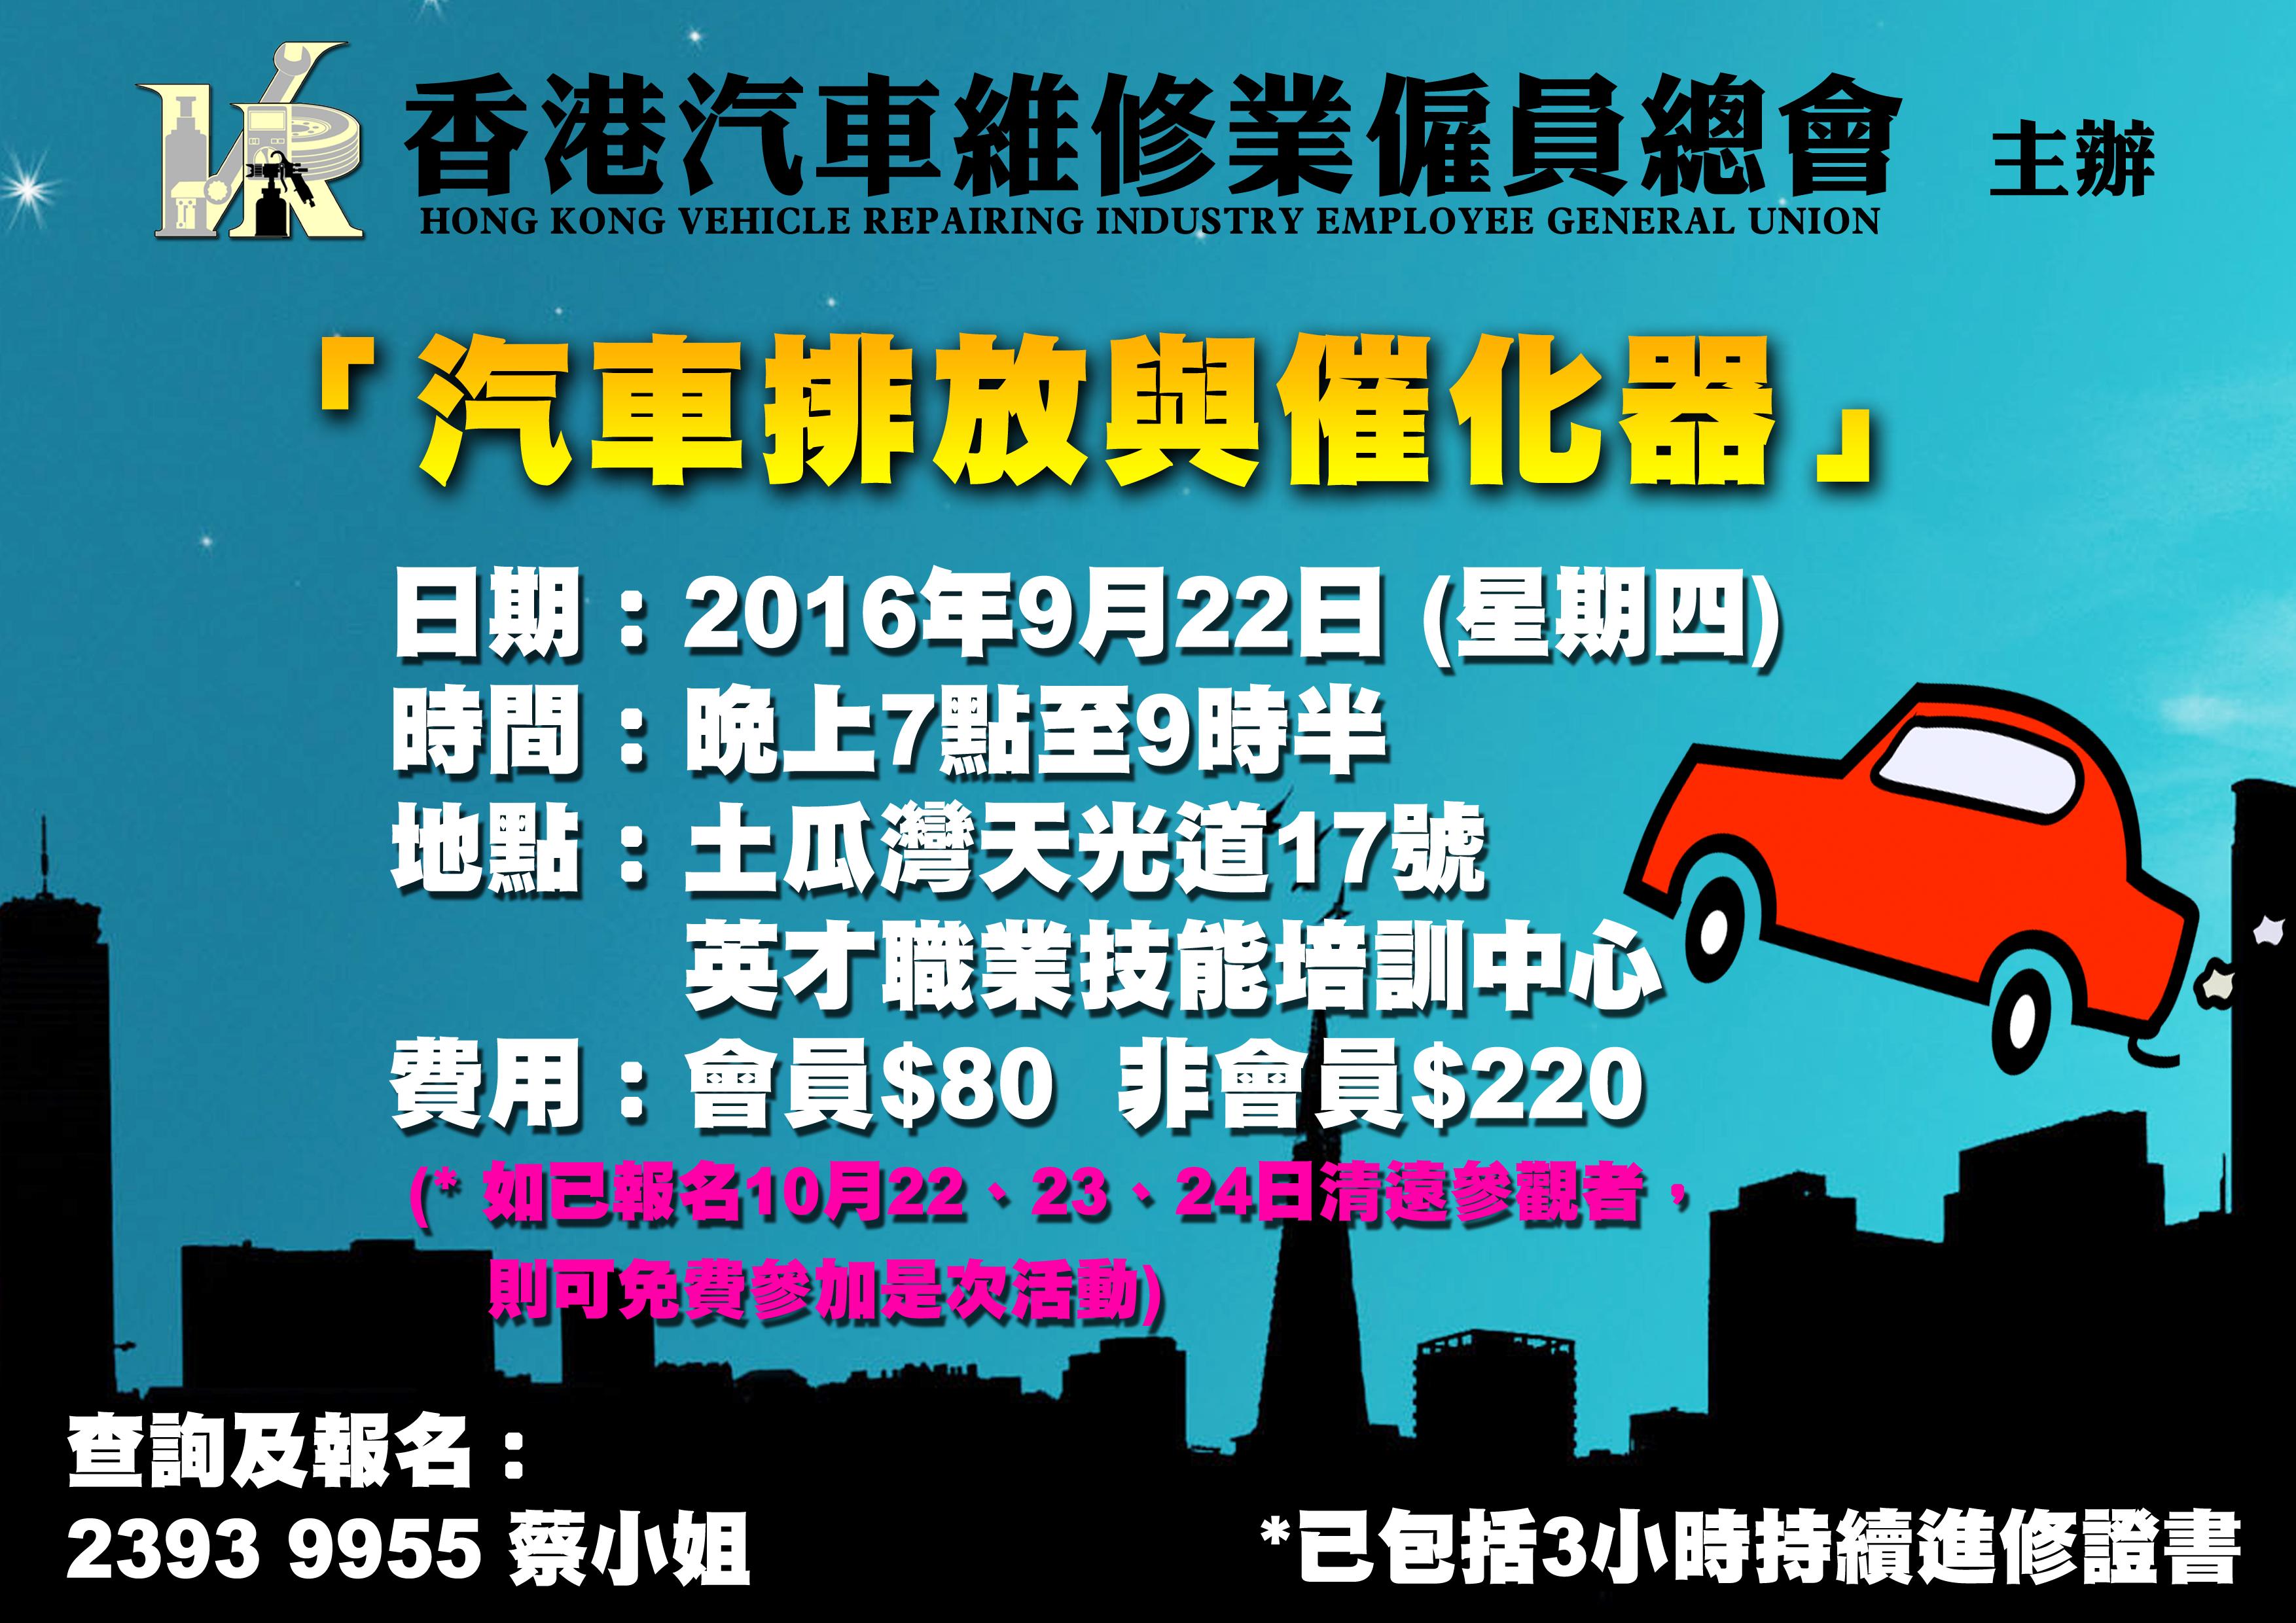 2016-09-22 汽車排放與催化器